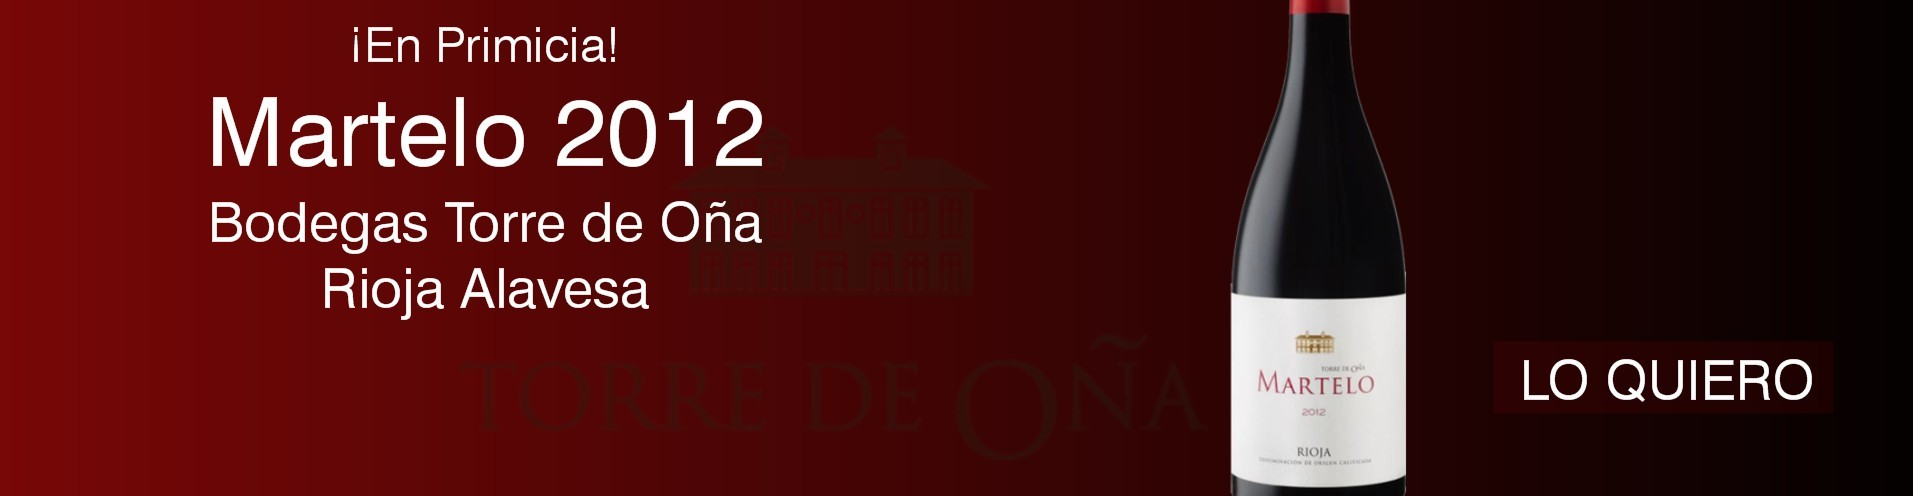 Martelo Reserva 2012 - Vino Tinto Ribeira Sacra